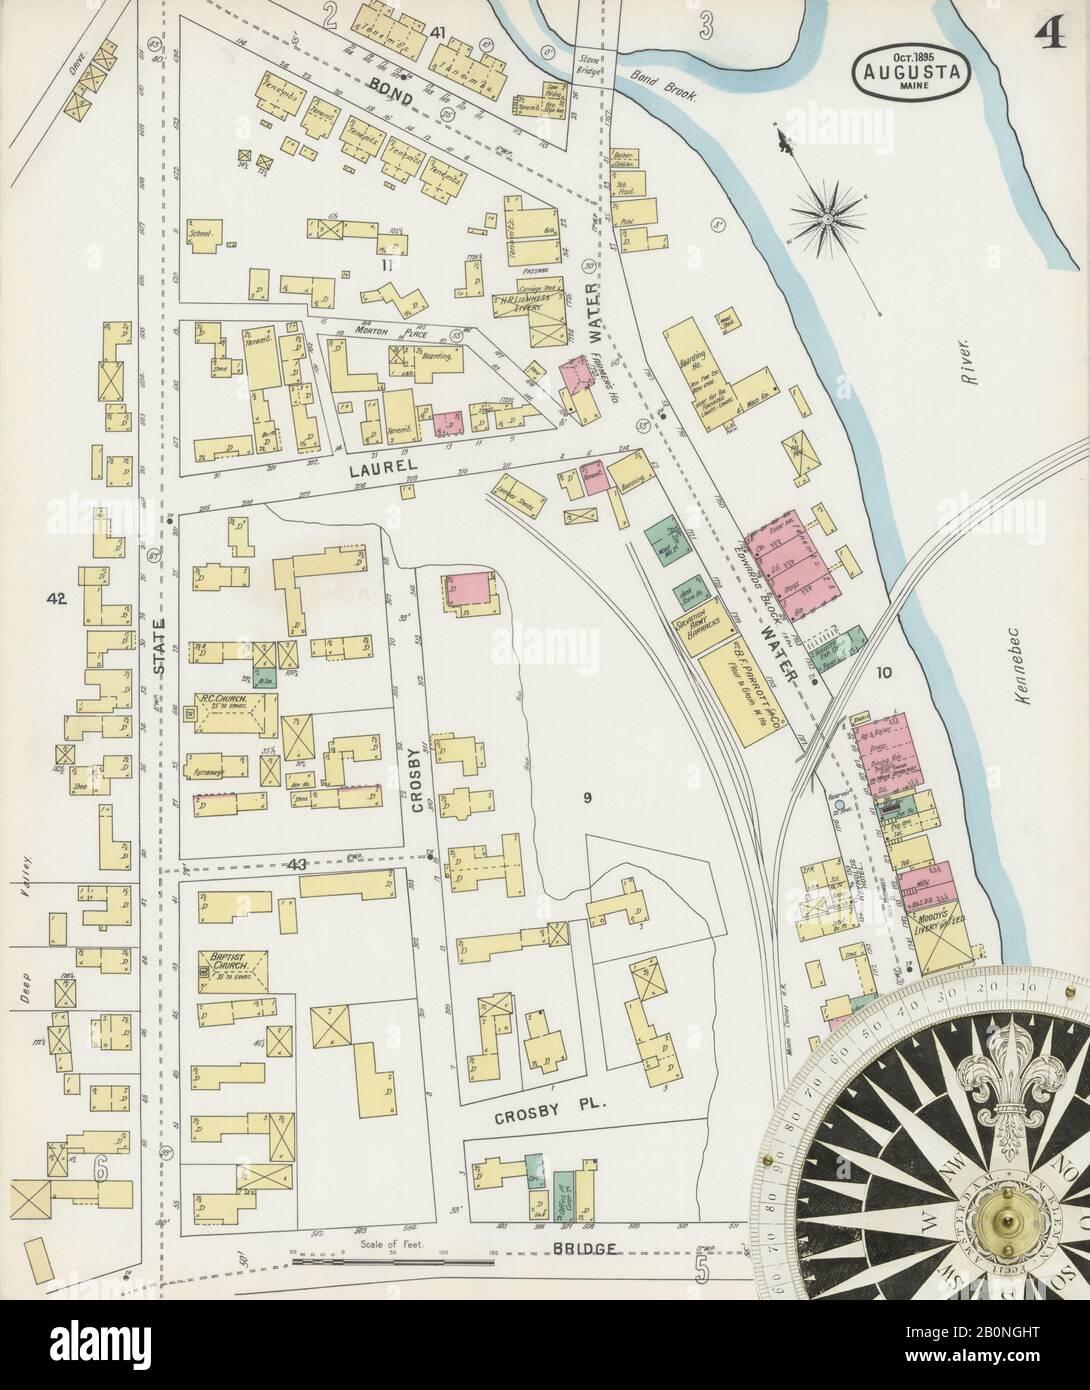 Immagine 4 Della Mappa Sanborn Fire Insurance Di Augusta, Contea Di Kennebec, Maine. Ott 1895. 13 fogli, America, mappa stradale con una bussola Del Xix Secolo Foto Stock